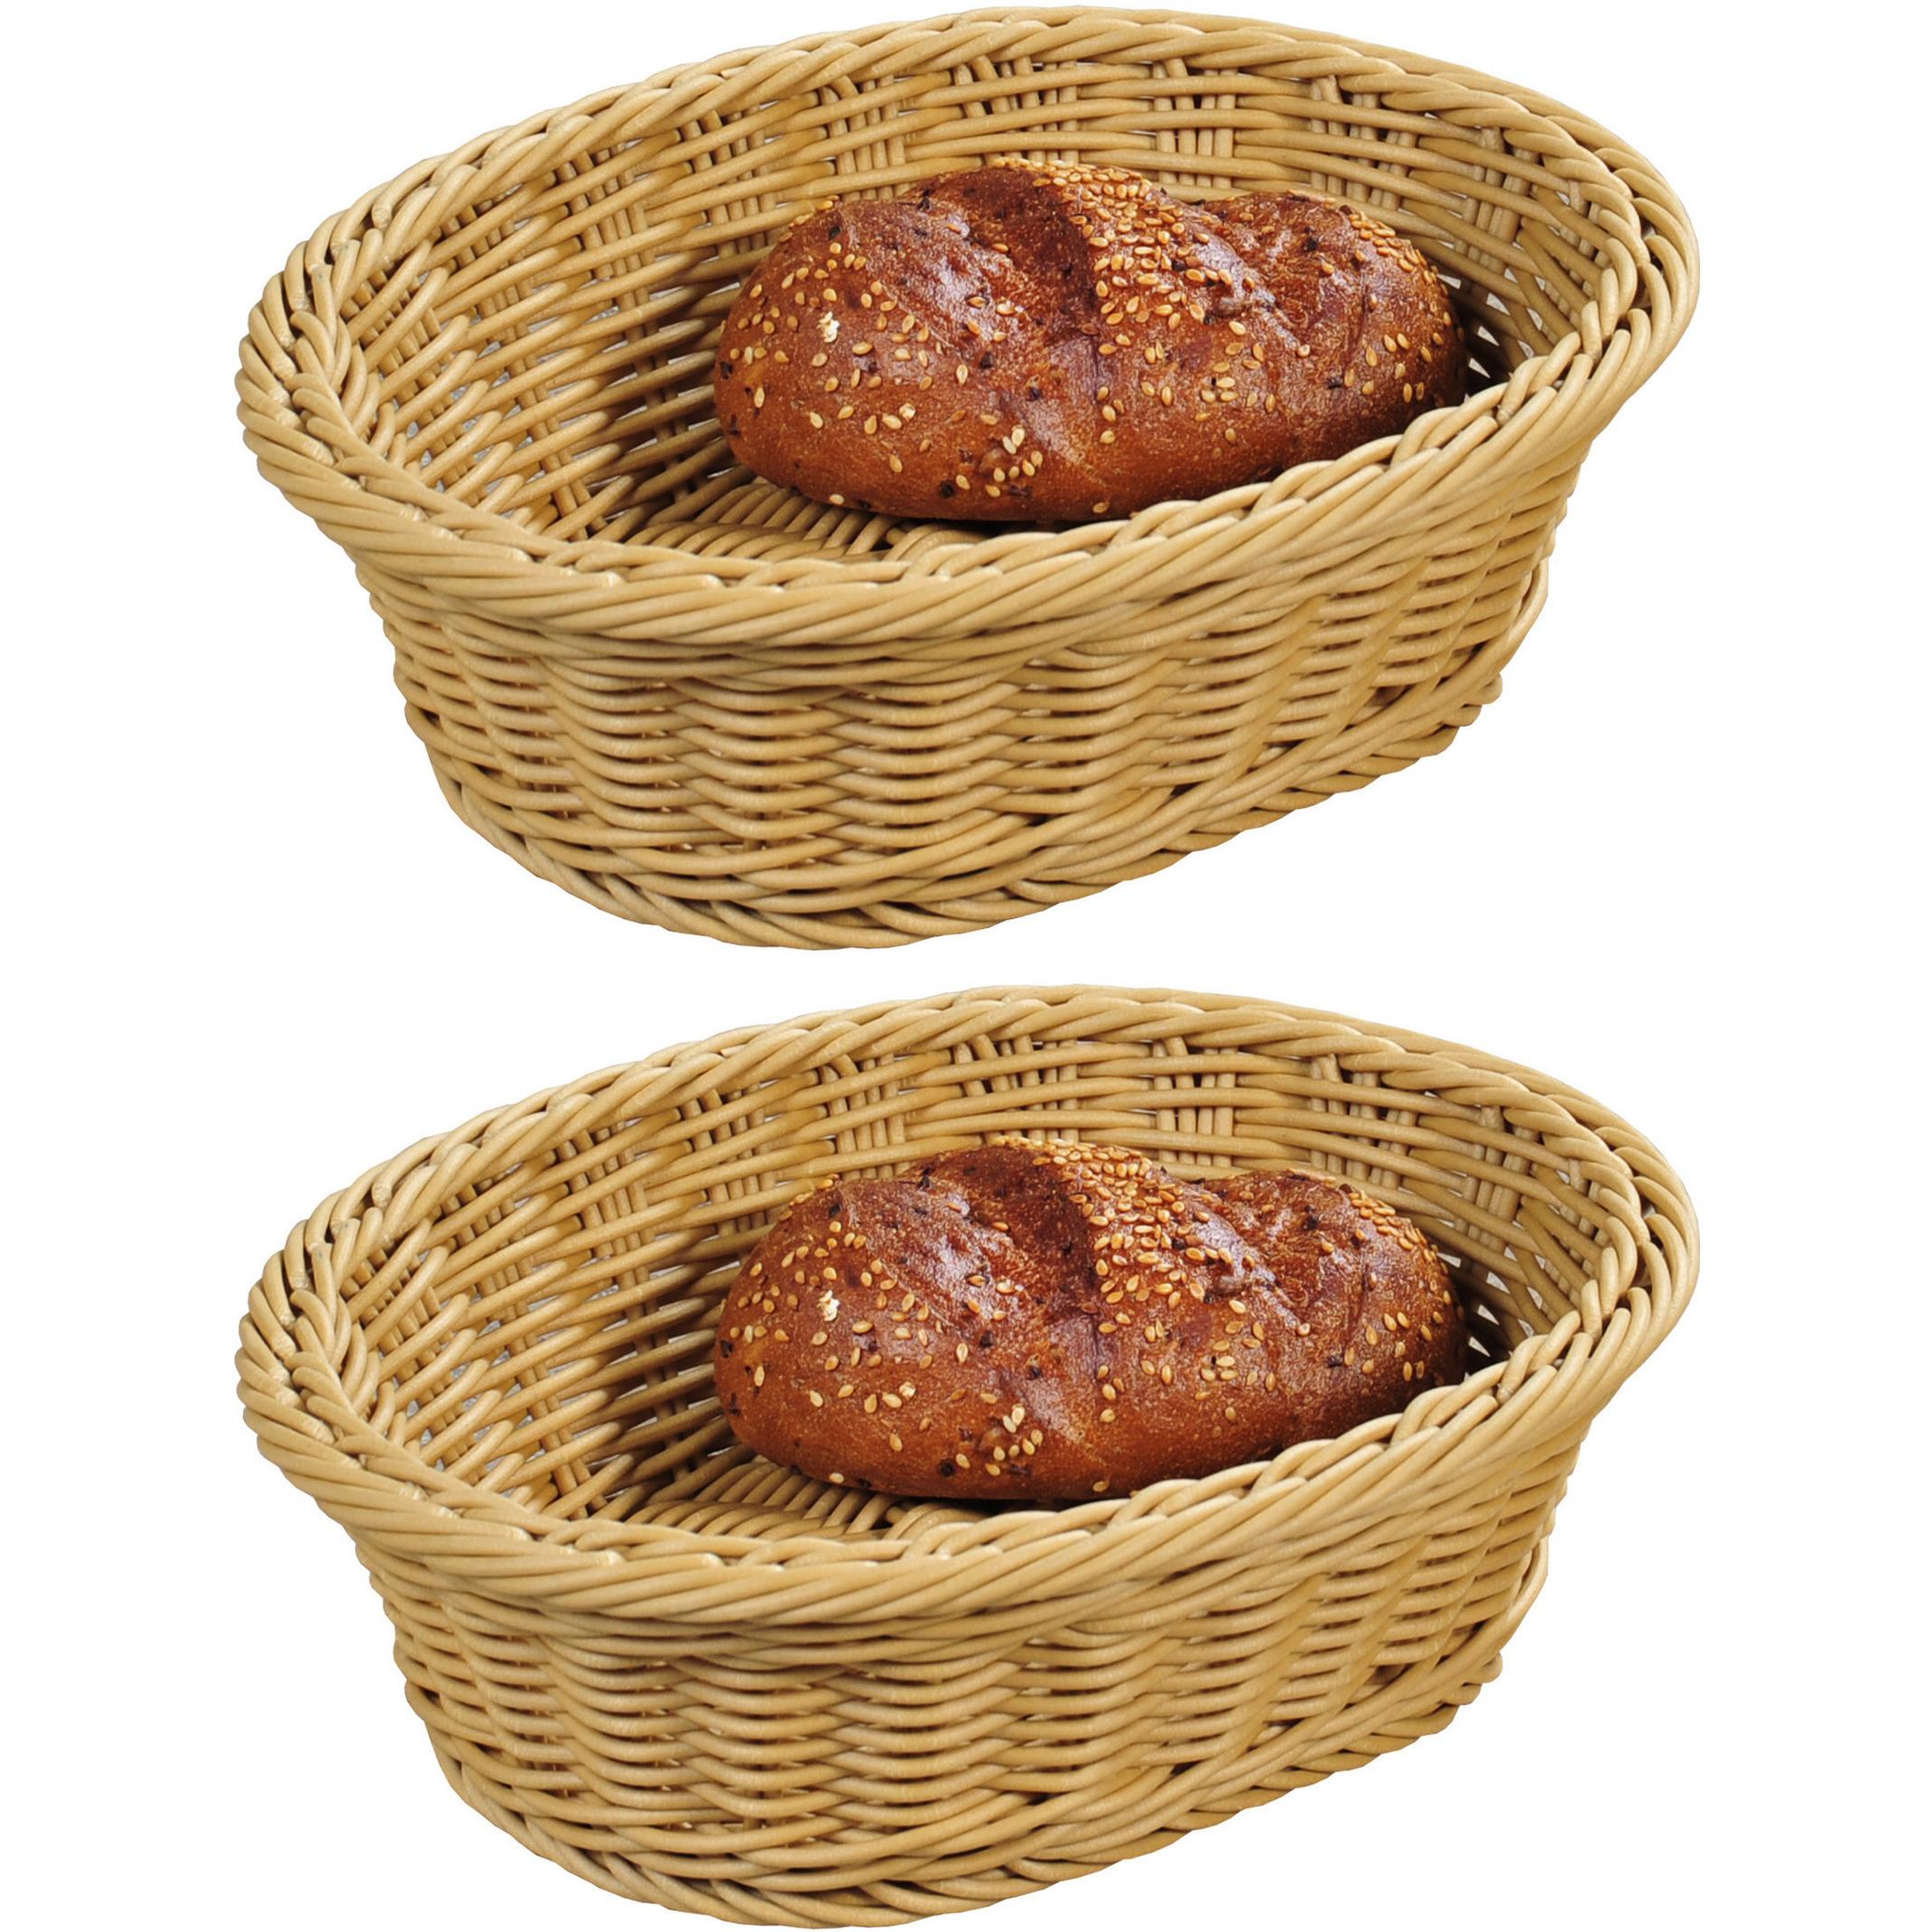 2x Ovalen fruitmandje-broodmandje 20 x 25 x 8,5 cm gevlochten riet uiterlijk